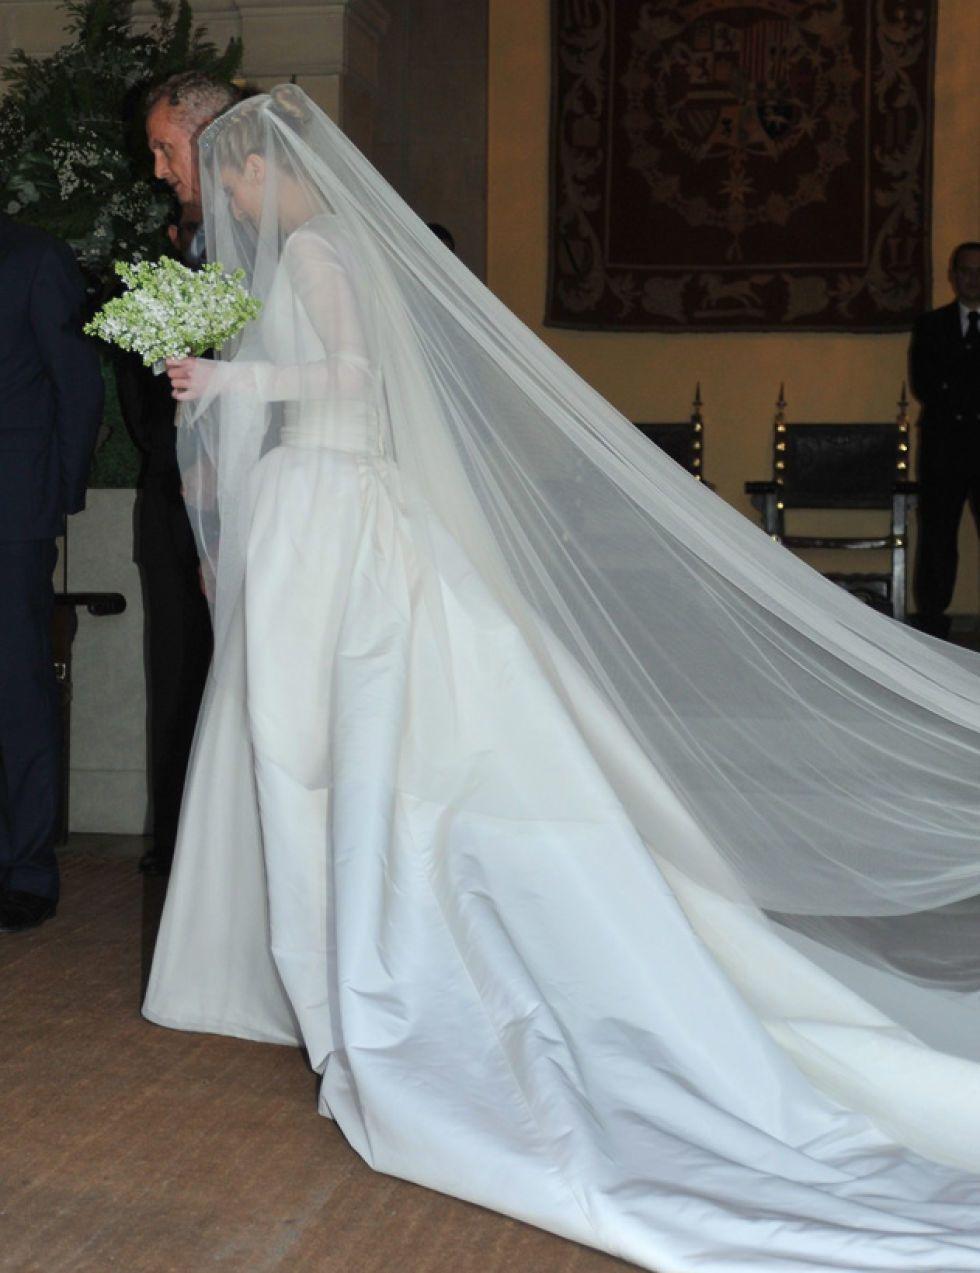 Fine Vestidos De Novia Andaluces Images - Wedding Ideas - memiocall.com